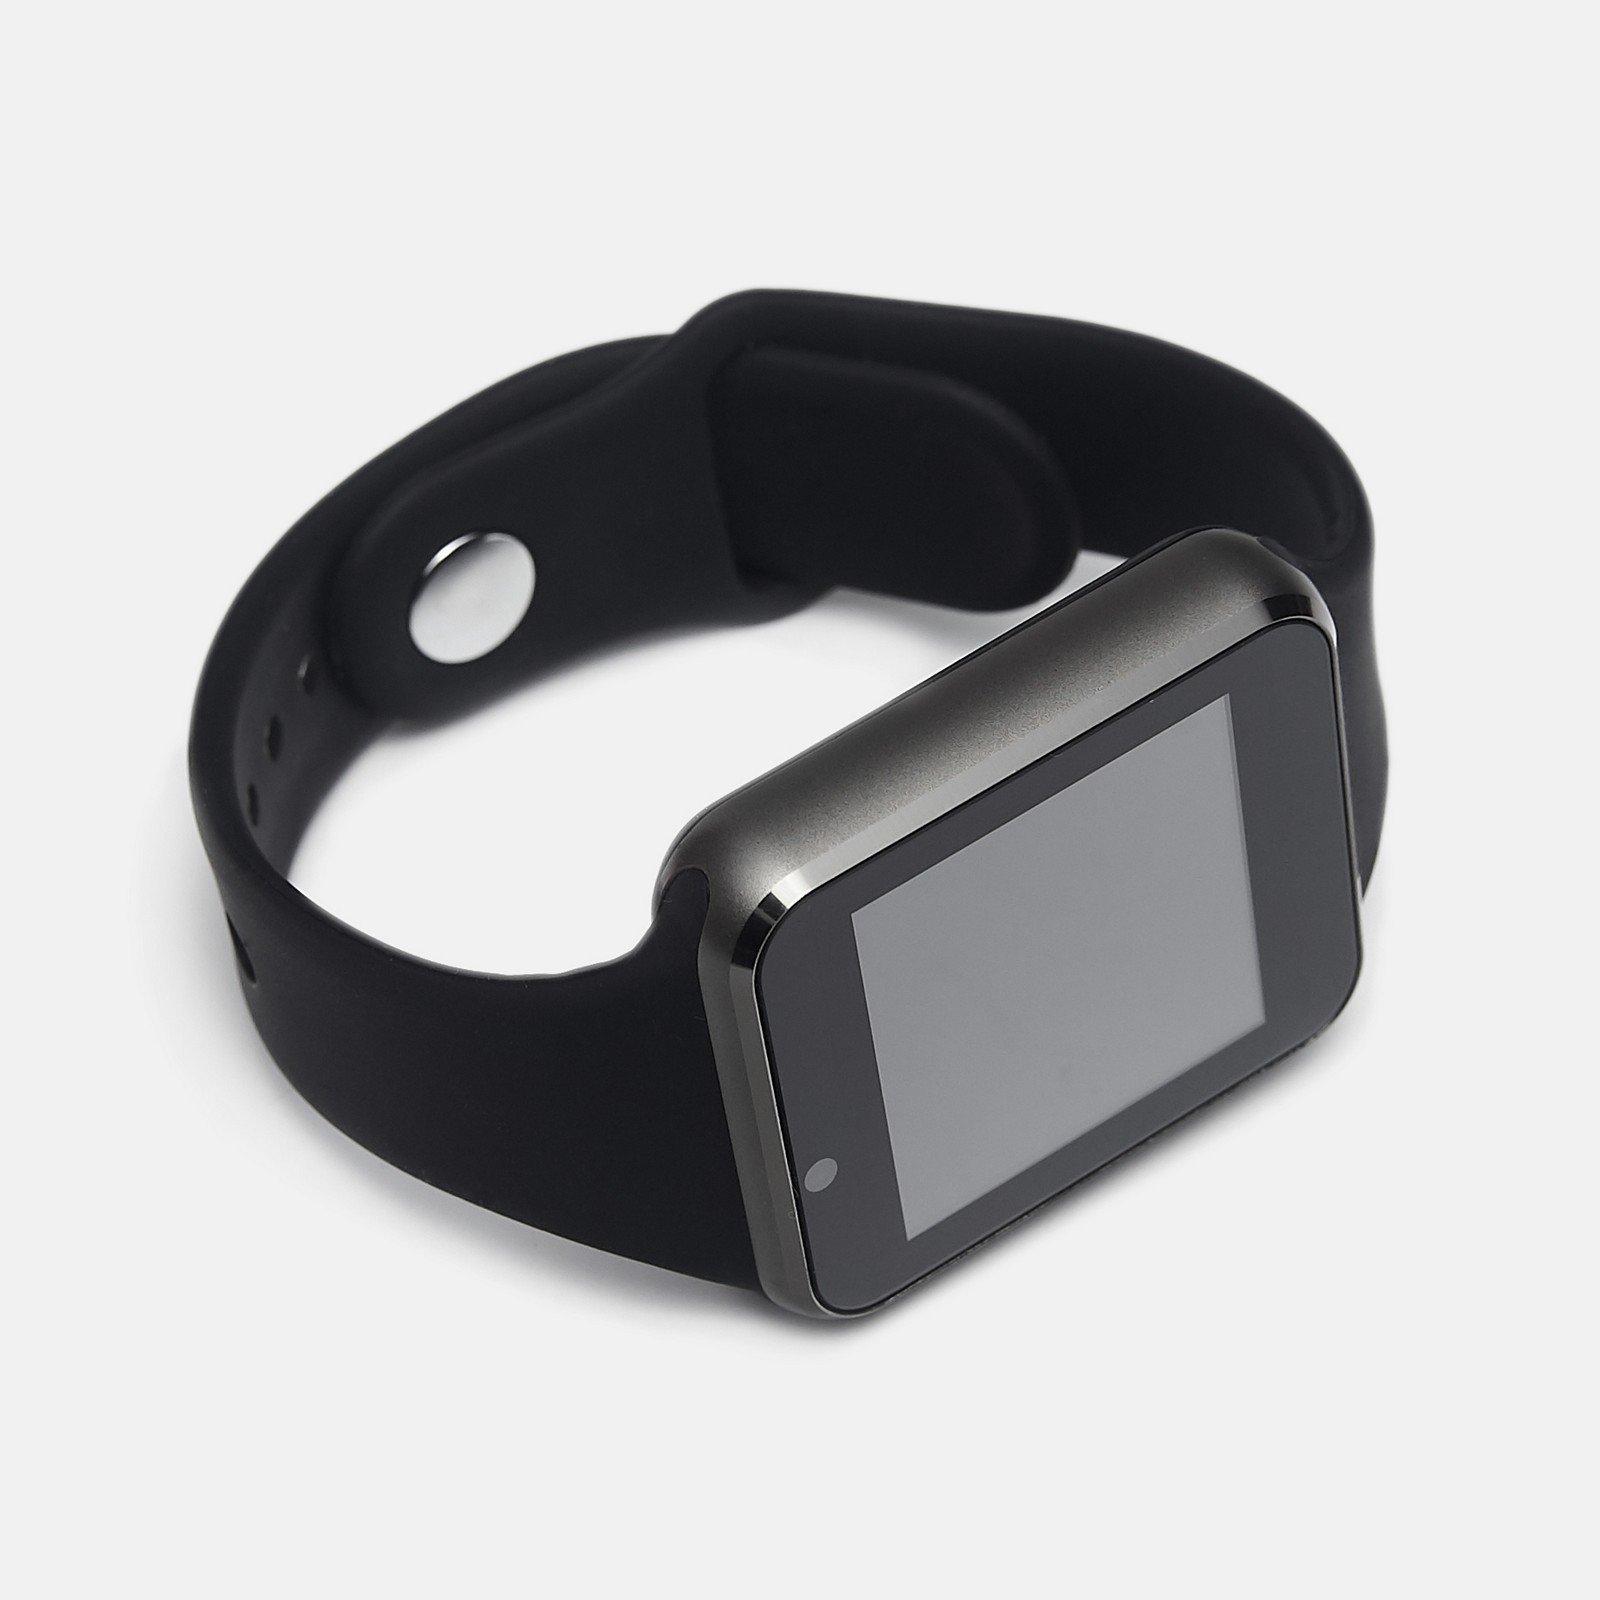 Увеличить изображение другие фото наручные часы со скрытой видеокамерой и датчиком движения.